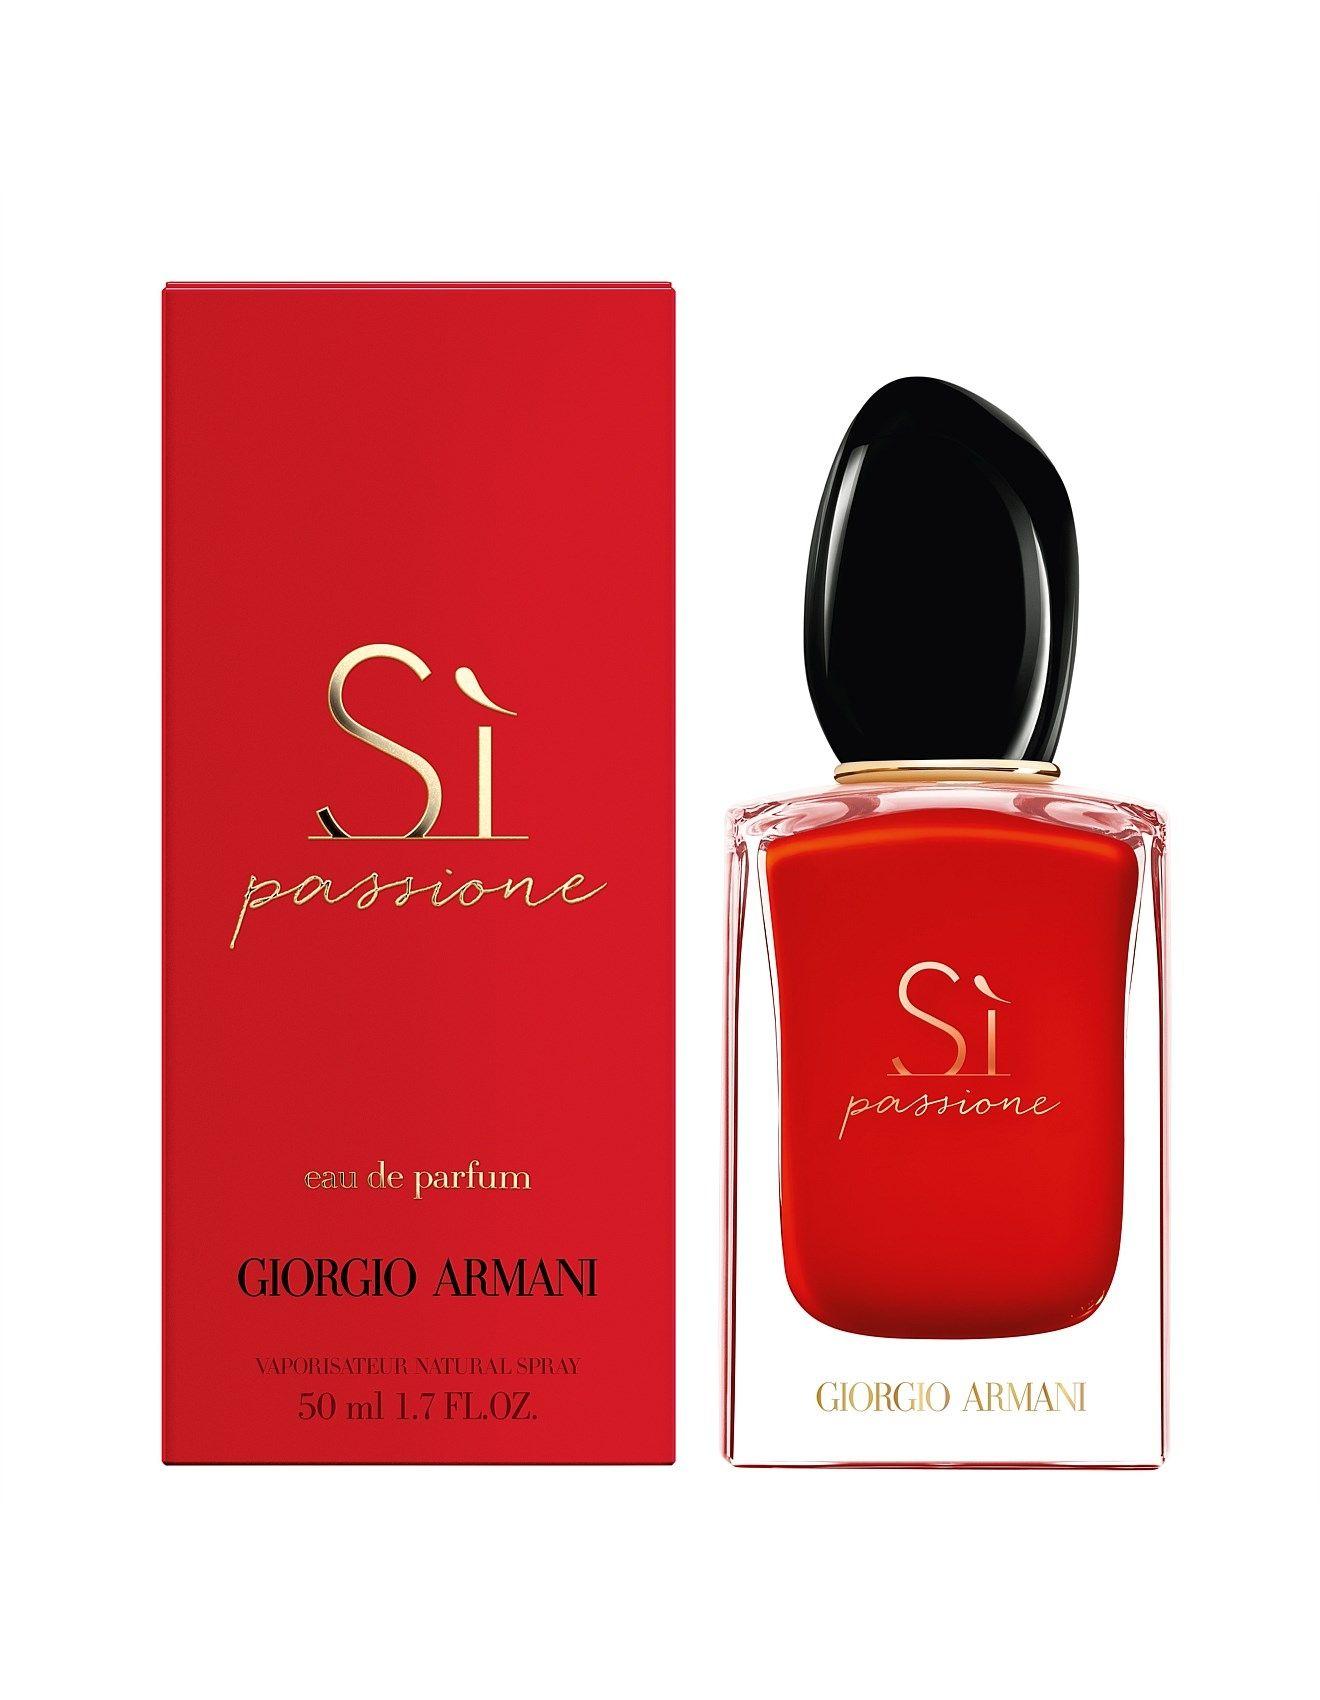 Giorgio Armani Si Passion Edp For Women 50ml Price In Egypt